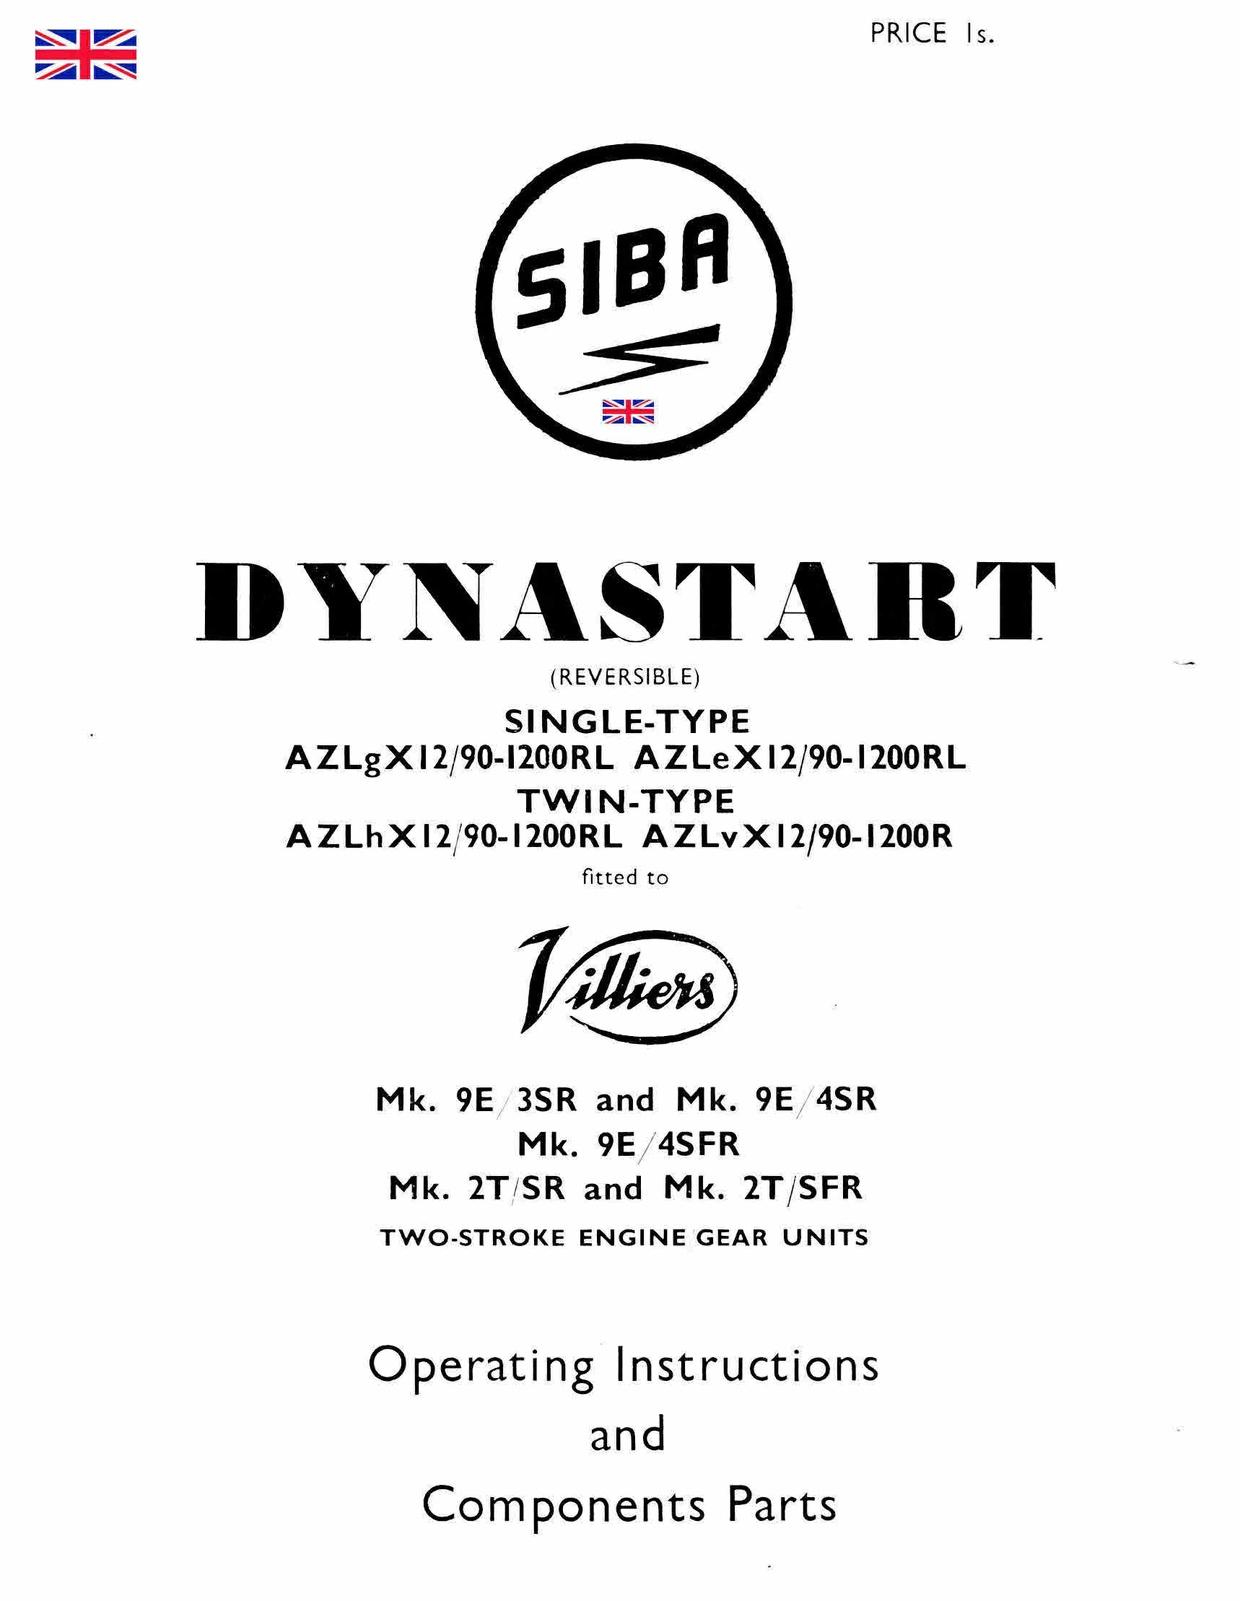 bosch dynastart wiring diagram asco solenoid valve 8210 villiers siba manuals for mechanics